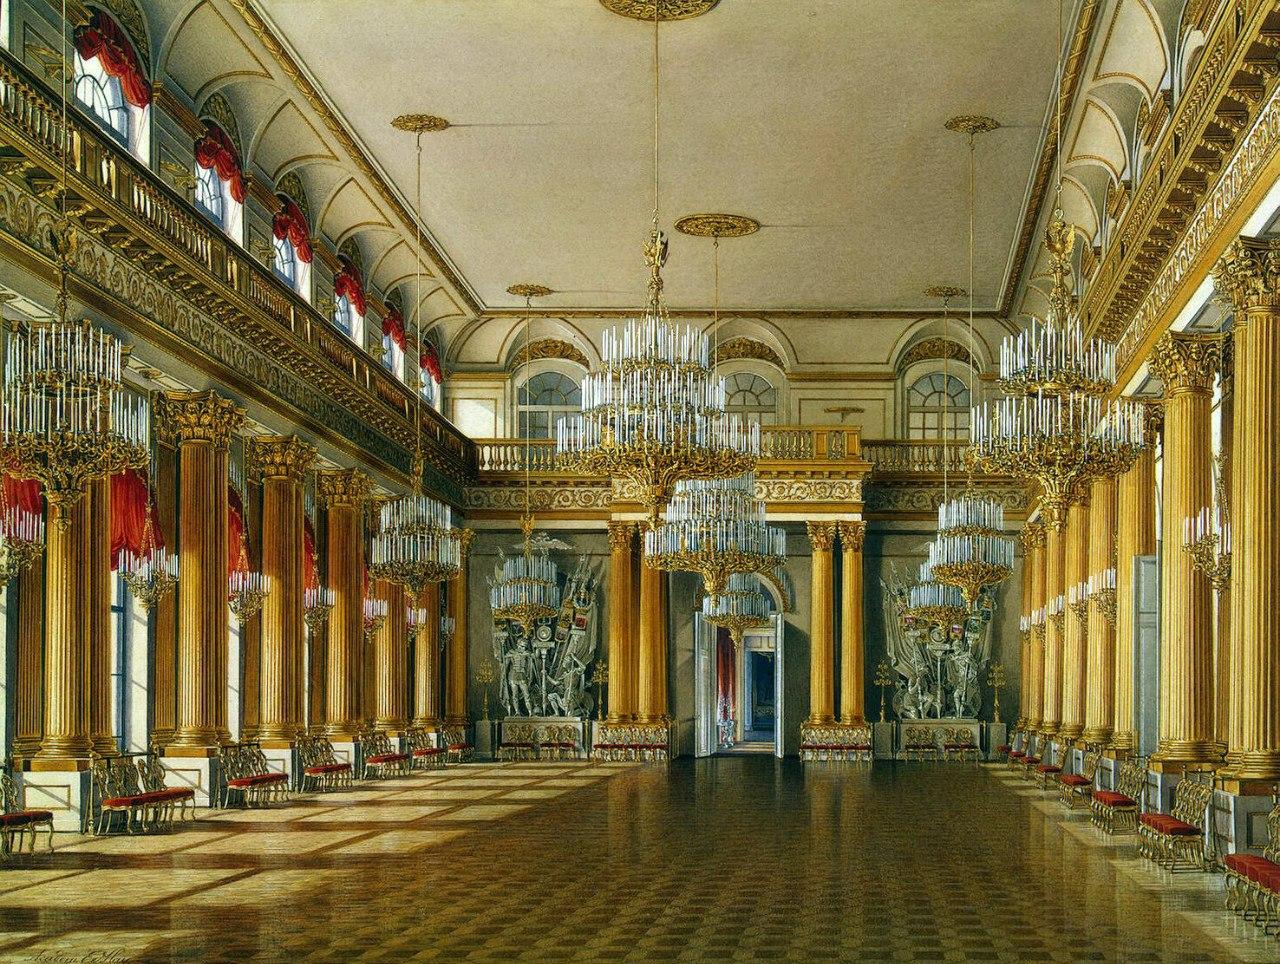 Картина Гербовый зал :: Эдуард Гау - Барокко, Ампир, Возрождение, Роккоко ( дизайн интерьера) фото